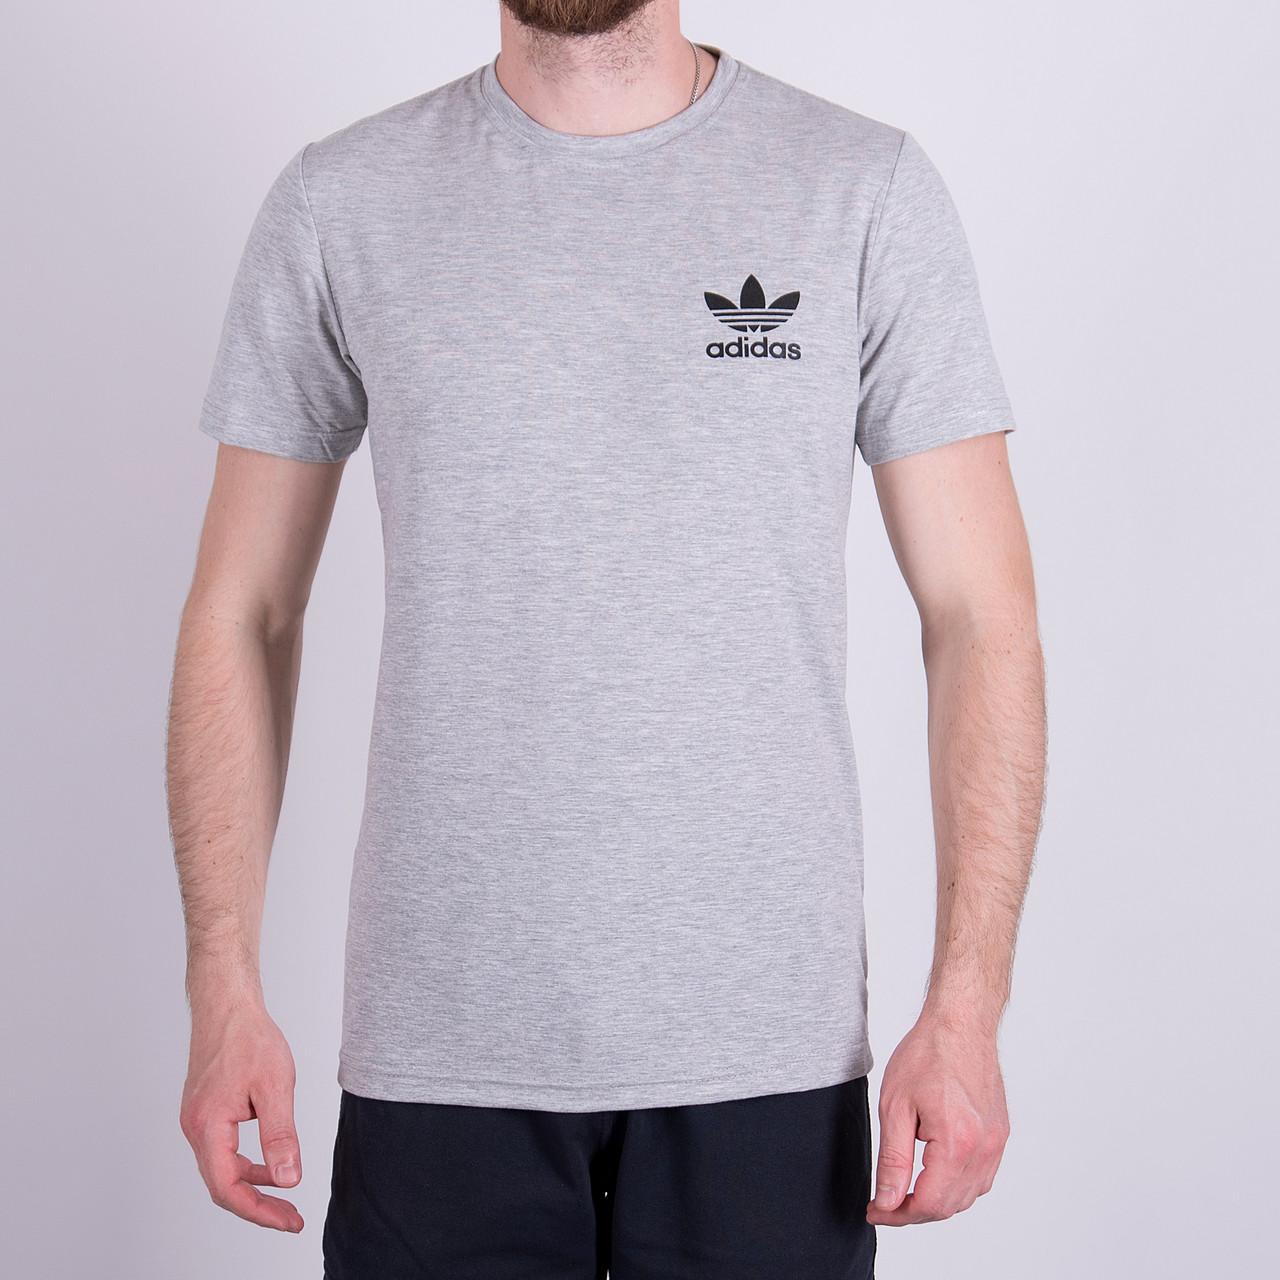 Чоловіча футболка Adidas, сірого кольору